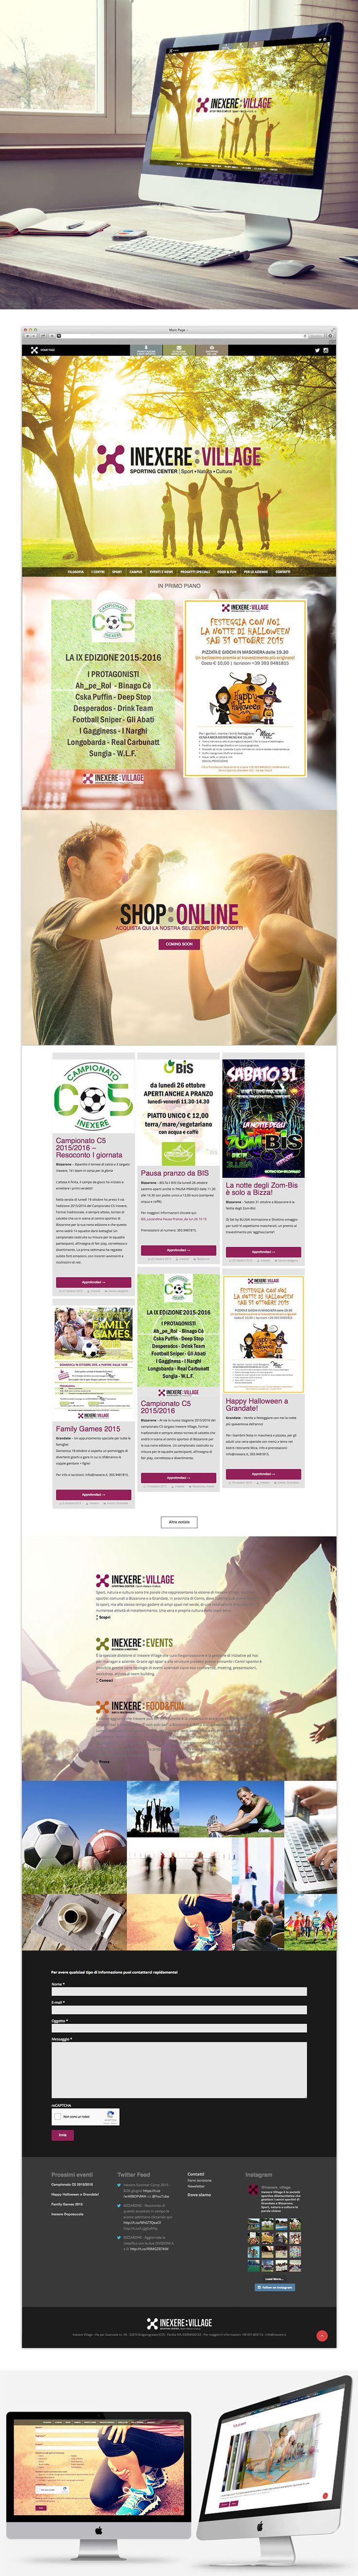 Un nuovo portale per completare il programma di comunicazione integrata di Inexere Village, che ha come obiettivo principale lo sportivo e il mondo del wellness living.